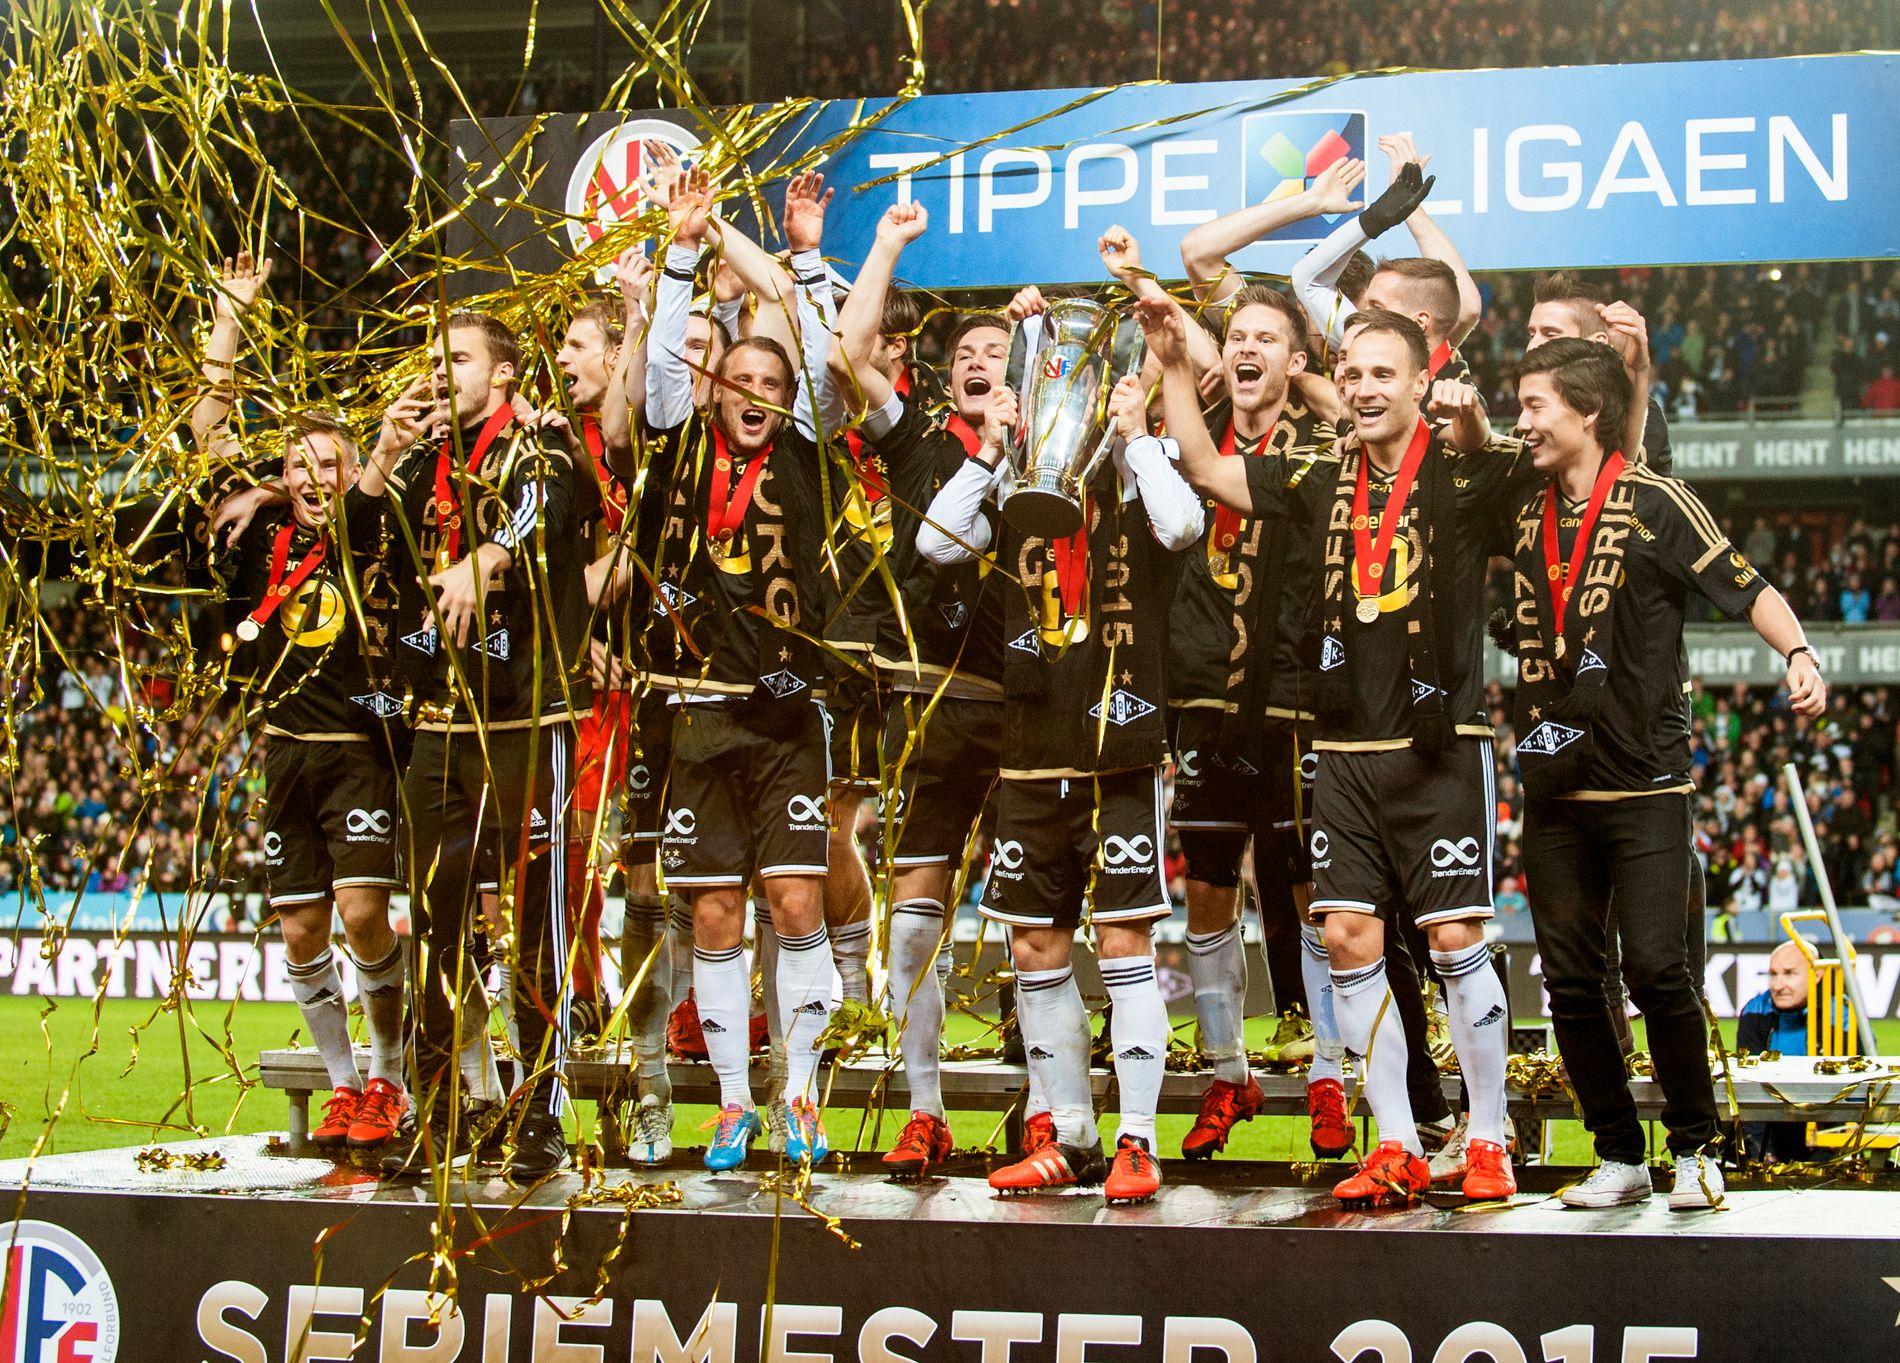 Rosenborg ble seriemester i eliteserien i 2015. Fra 2017 skal Discovery ha TV-rettighetene.